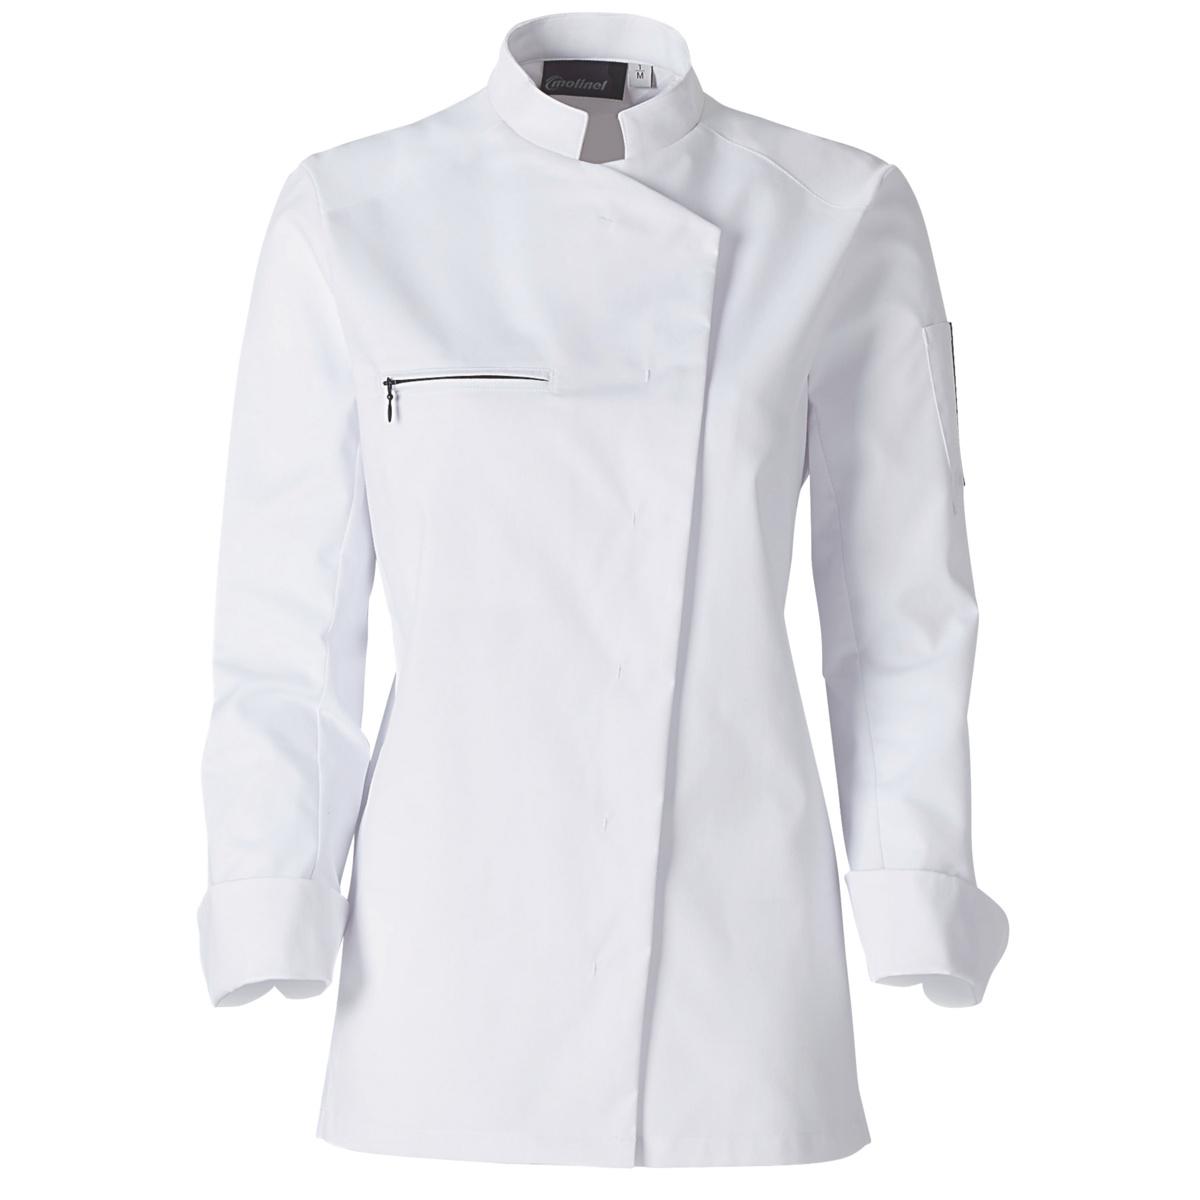 Veste femme manches longues blanc taille 0 Jaklab Molinel